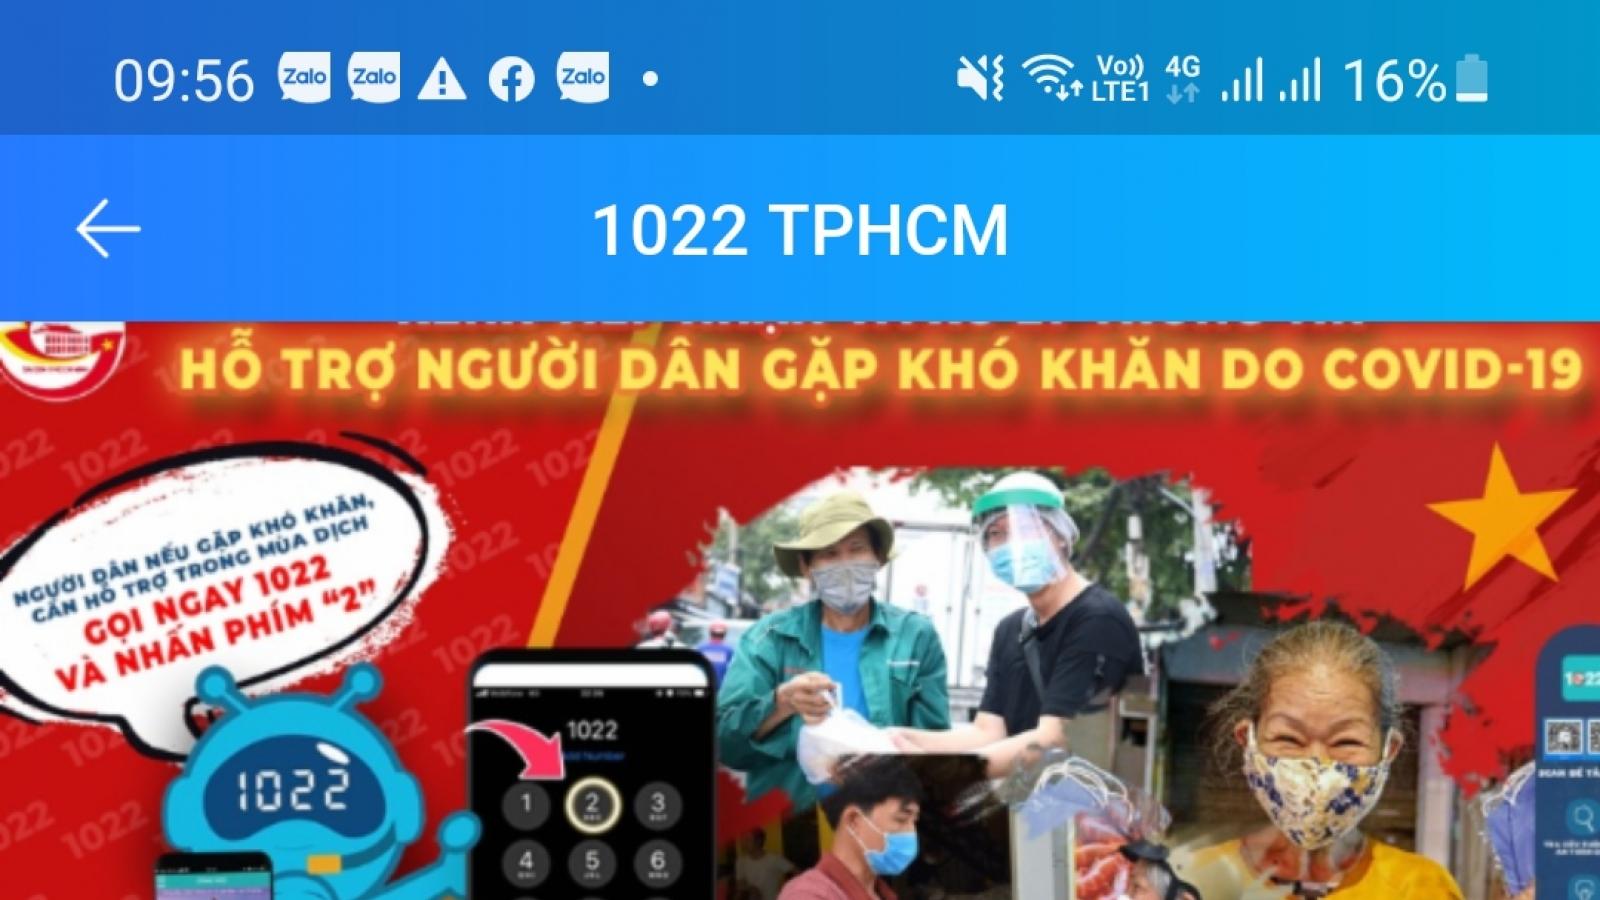 Người dân TP.HCM gặp khó khăn có thể liên hệ Tổng đài 1022 trên Zalo